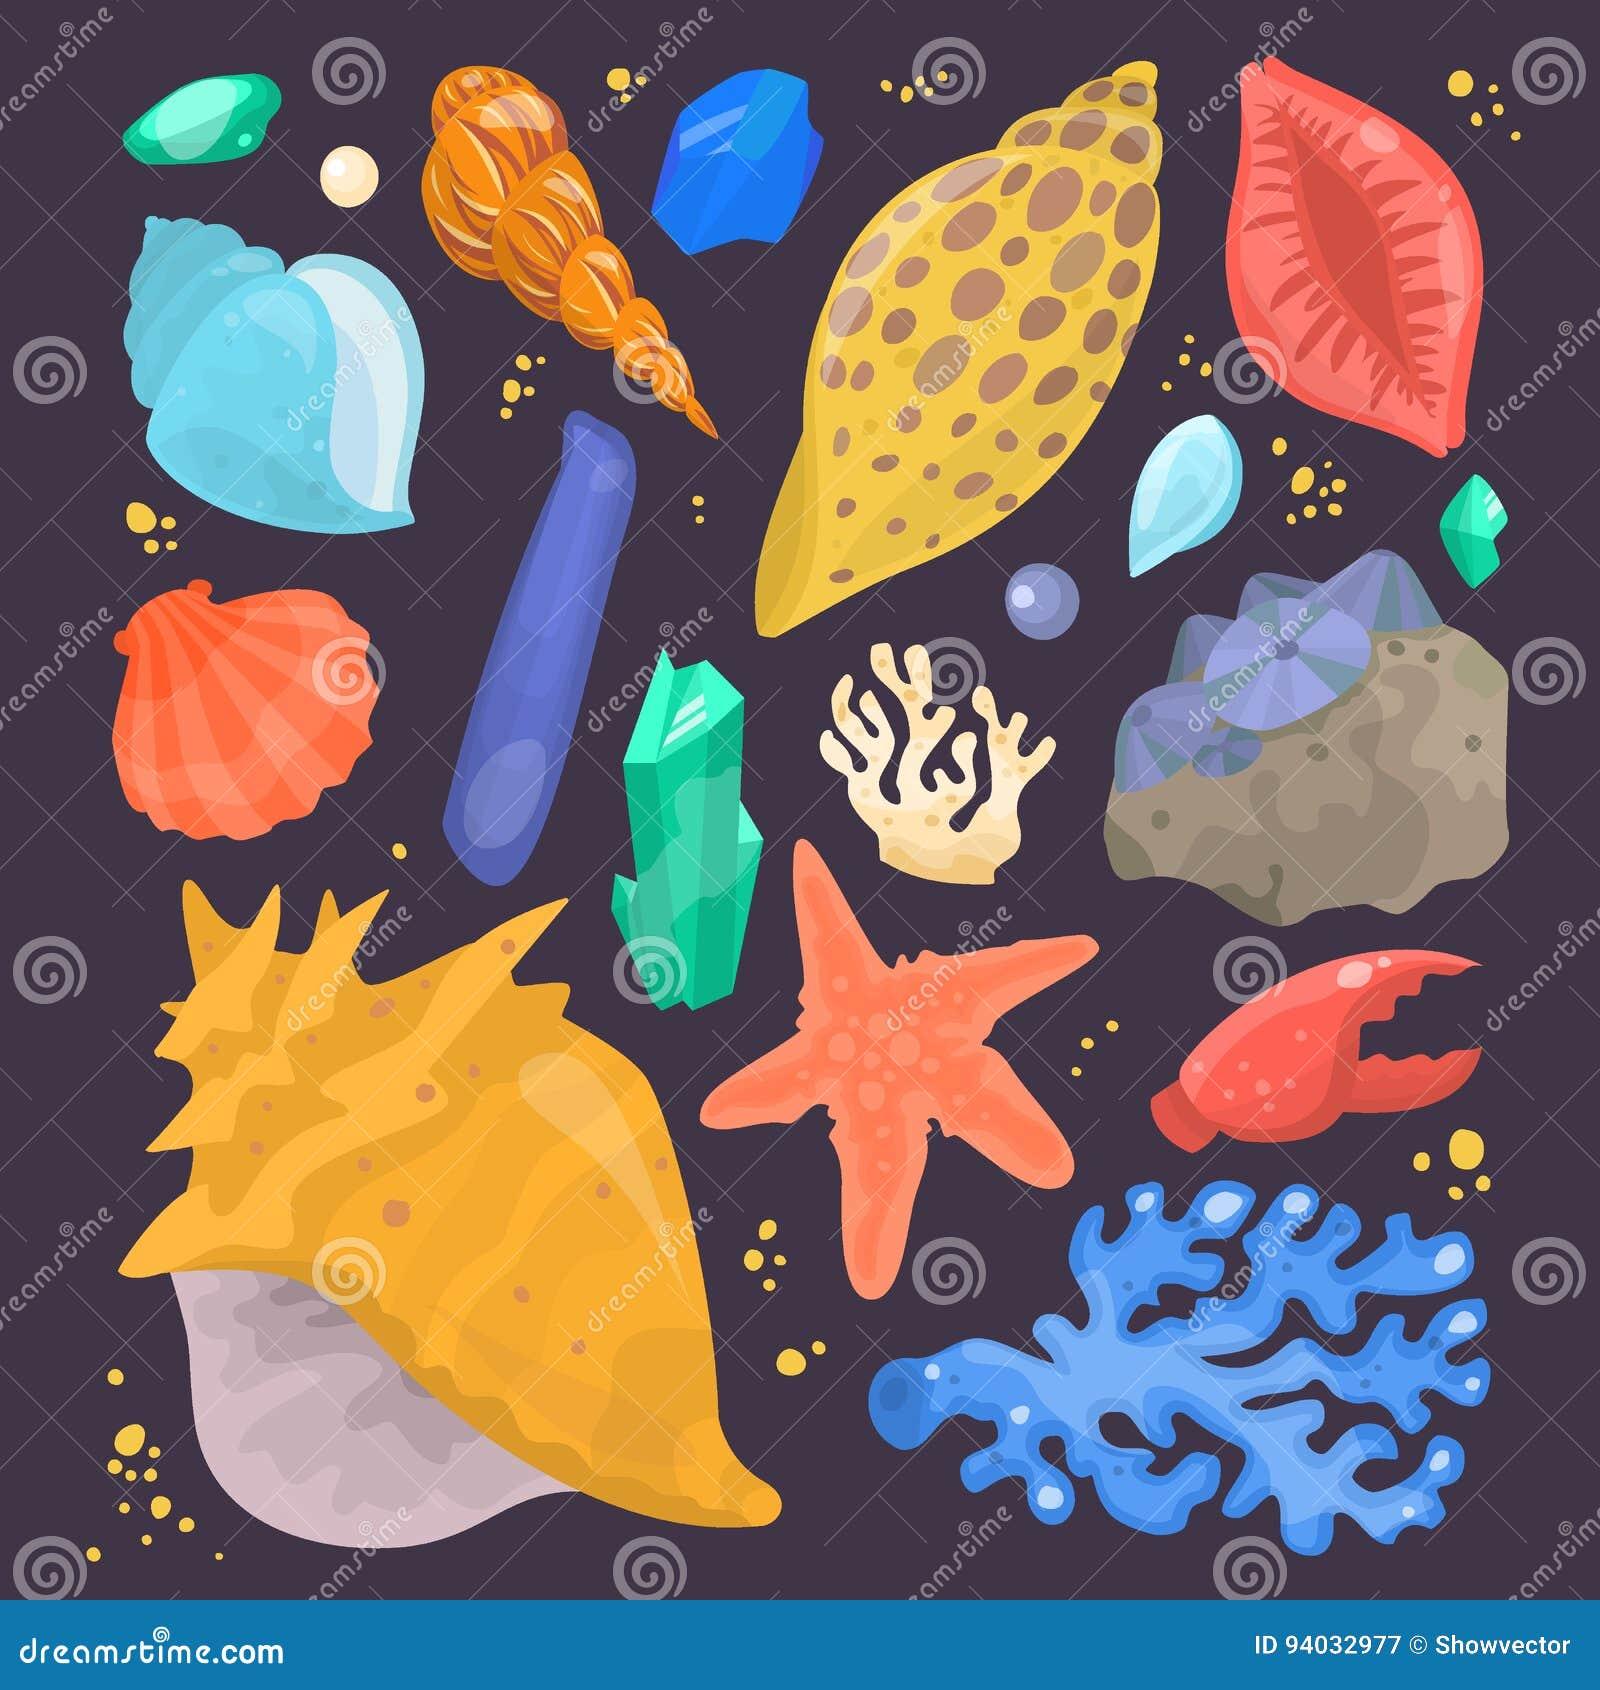 Korallenartige Vektorillustration der Seeoberteilmarinekarikaturmaschinenhälfte und Ozean Starfish lokalisiert